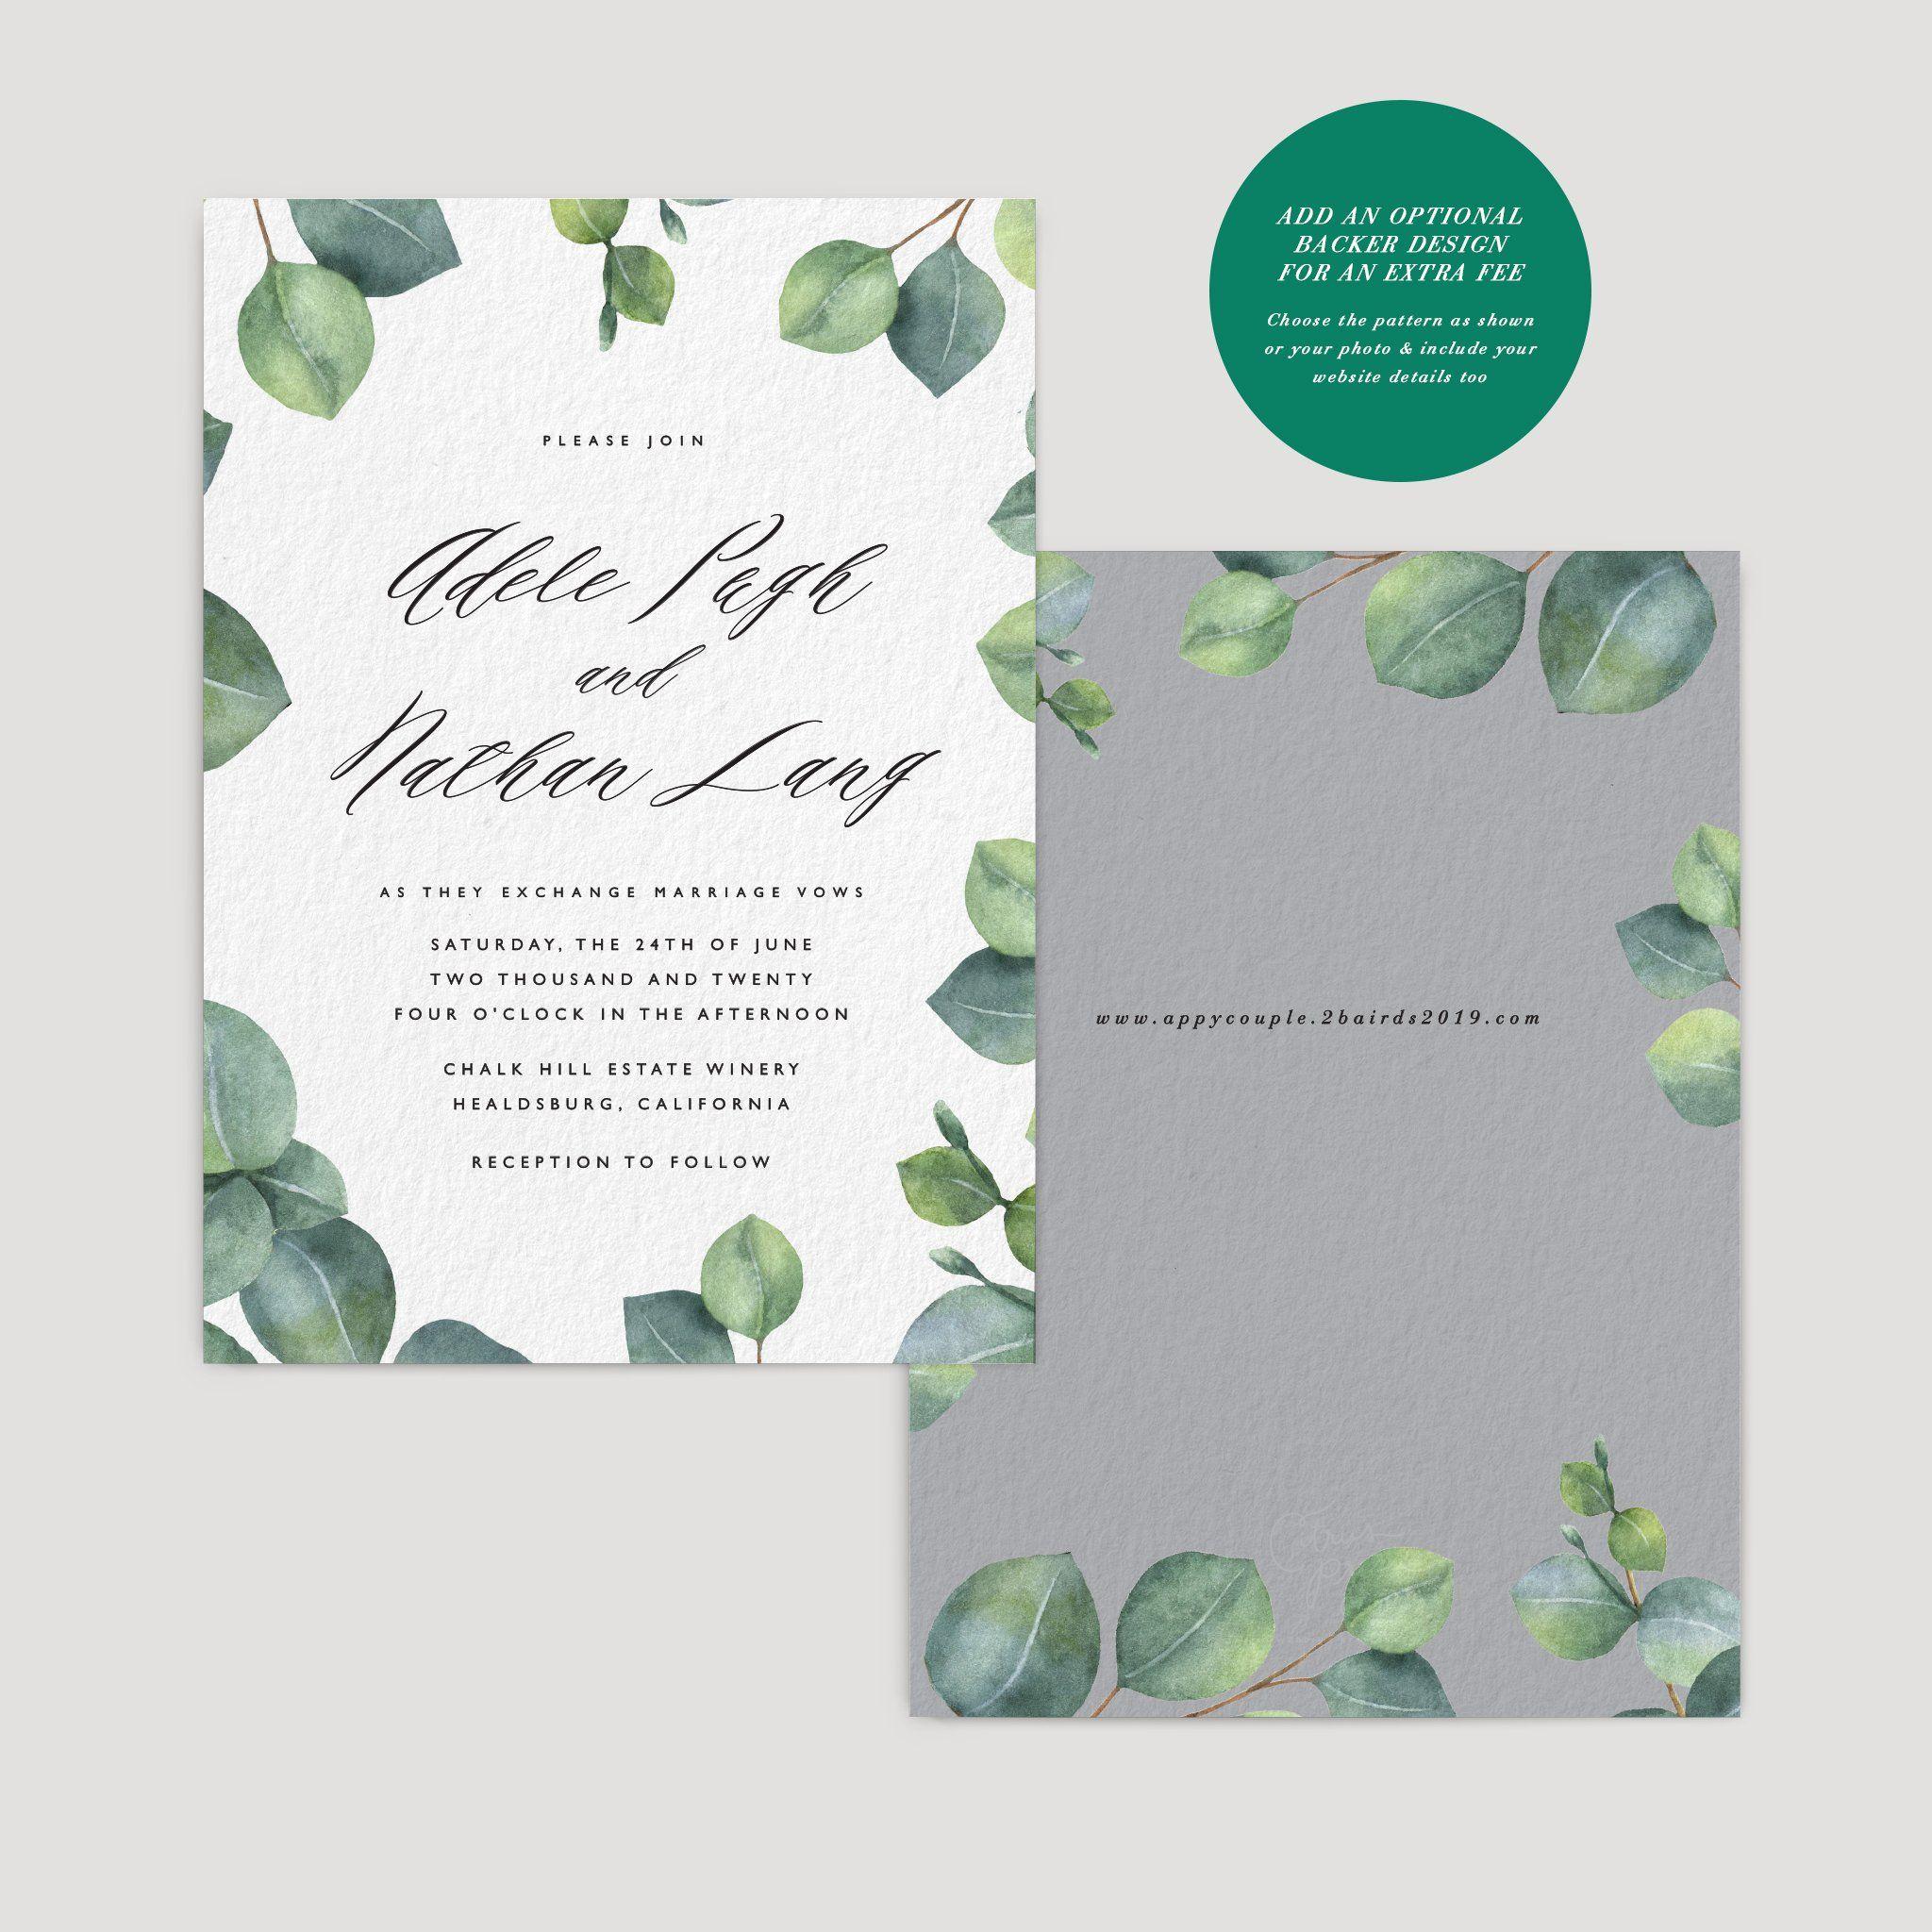 Invitation in 2020 Contemporary wedding invitations